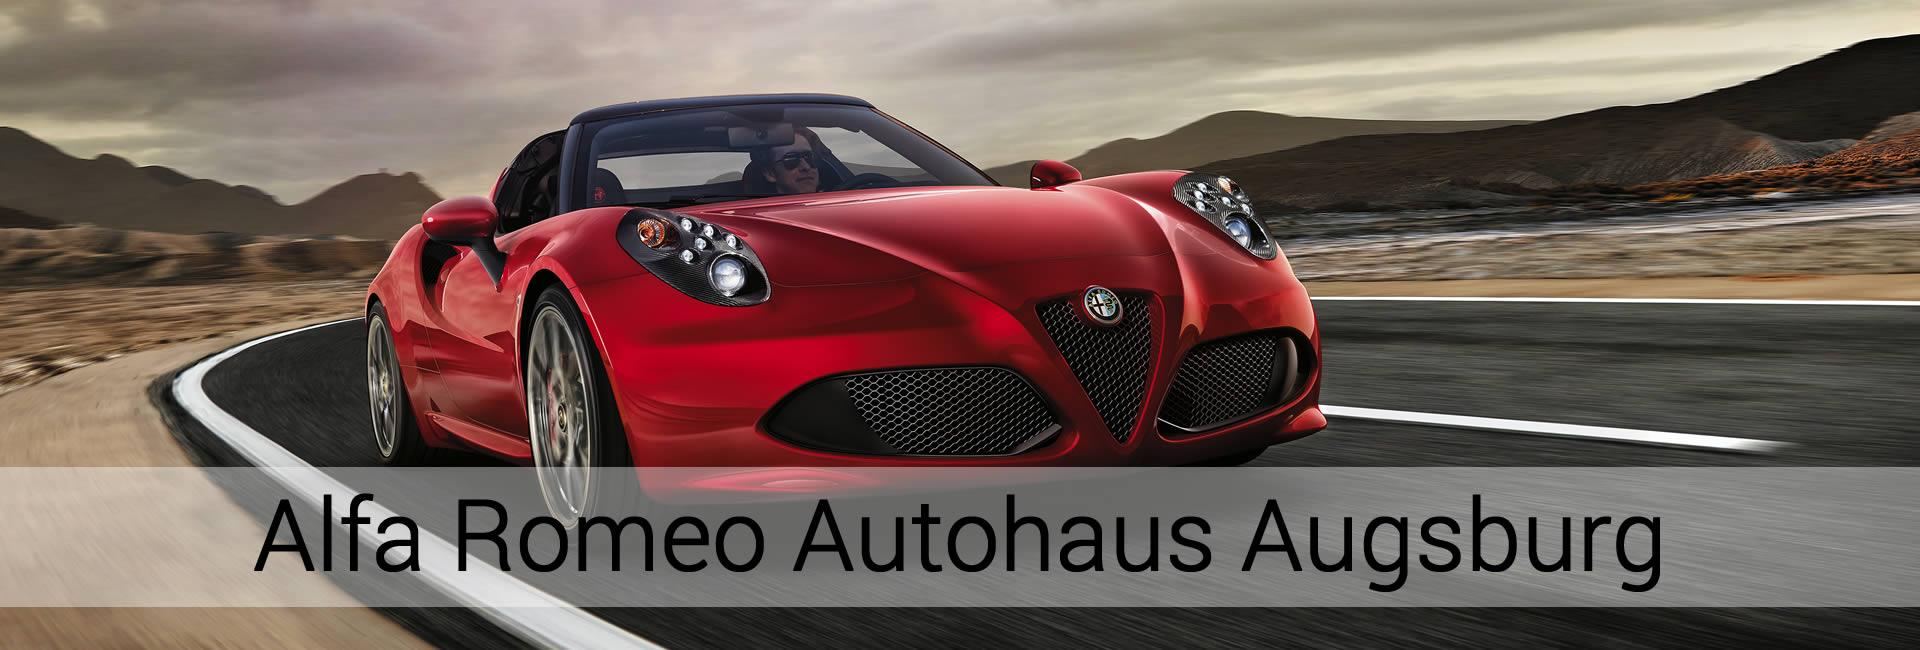 Alfa Romeo Autohaus Augsburg